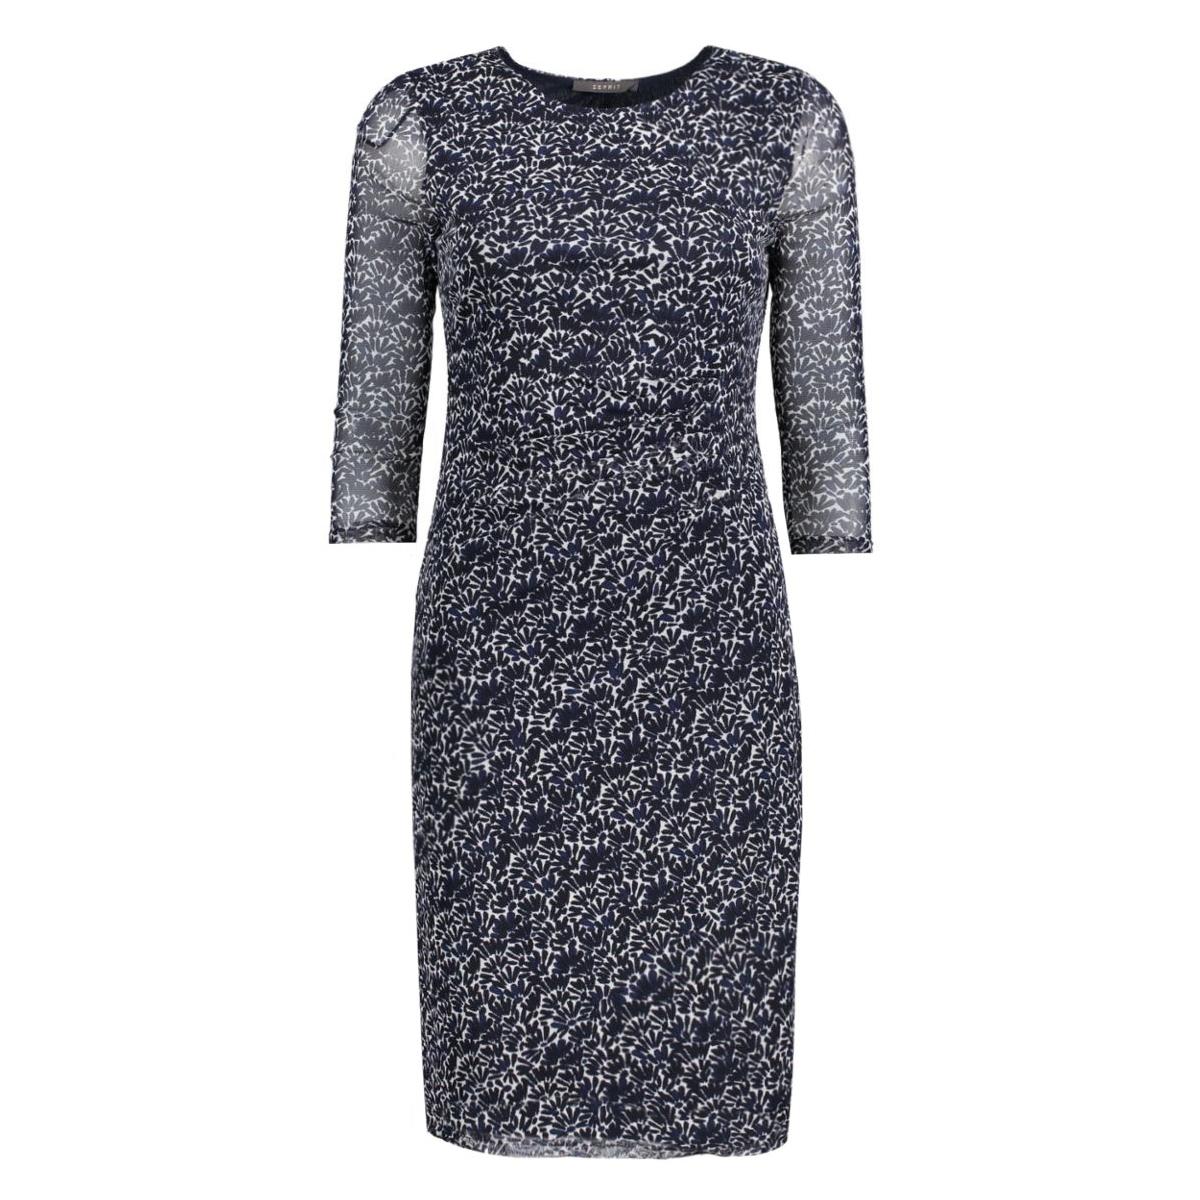 106eo1e017 esprit collection jurk e400